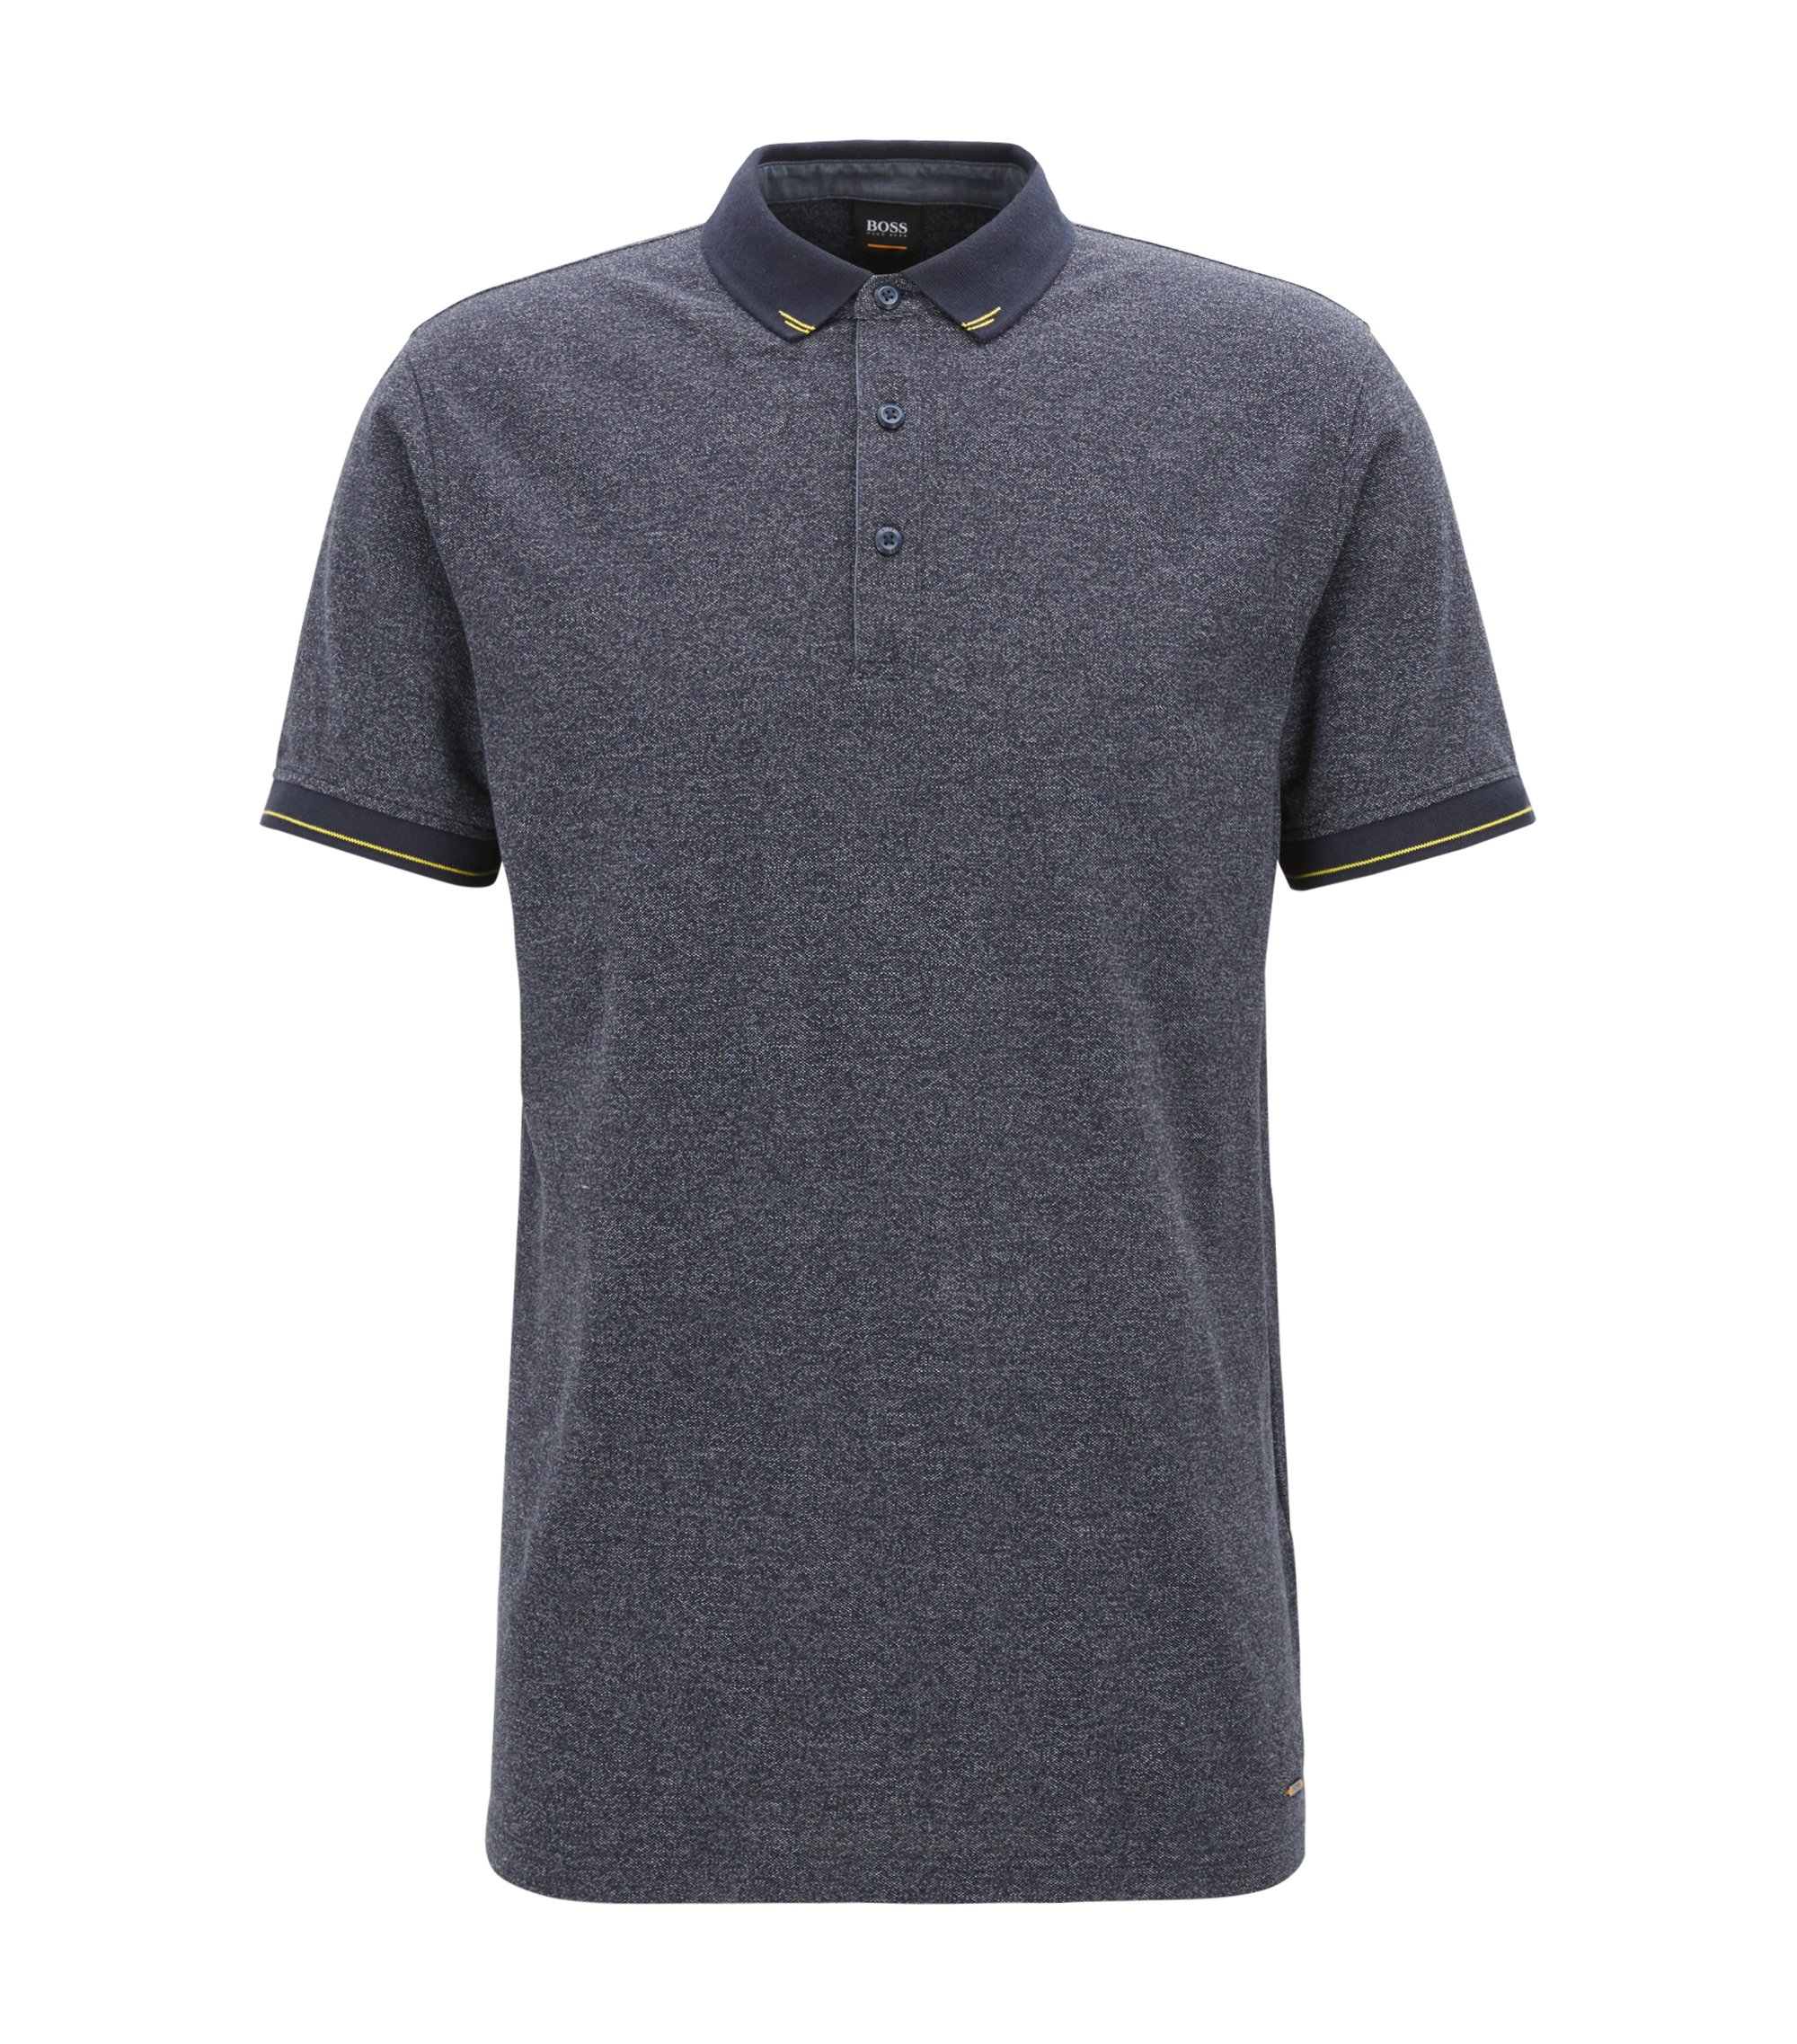 Polo in denimlook met contrastdetails, Donkerblauw